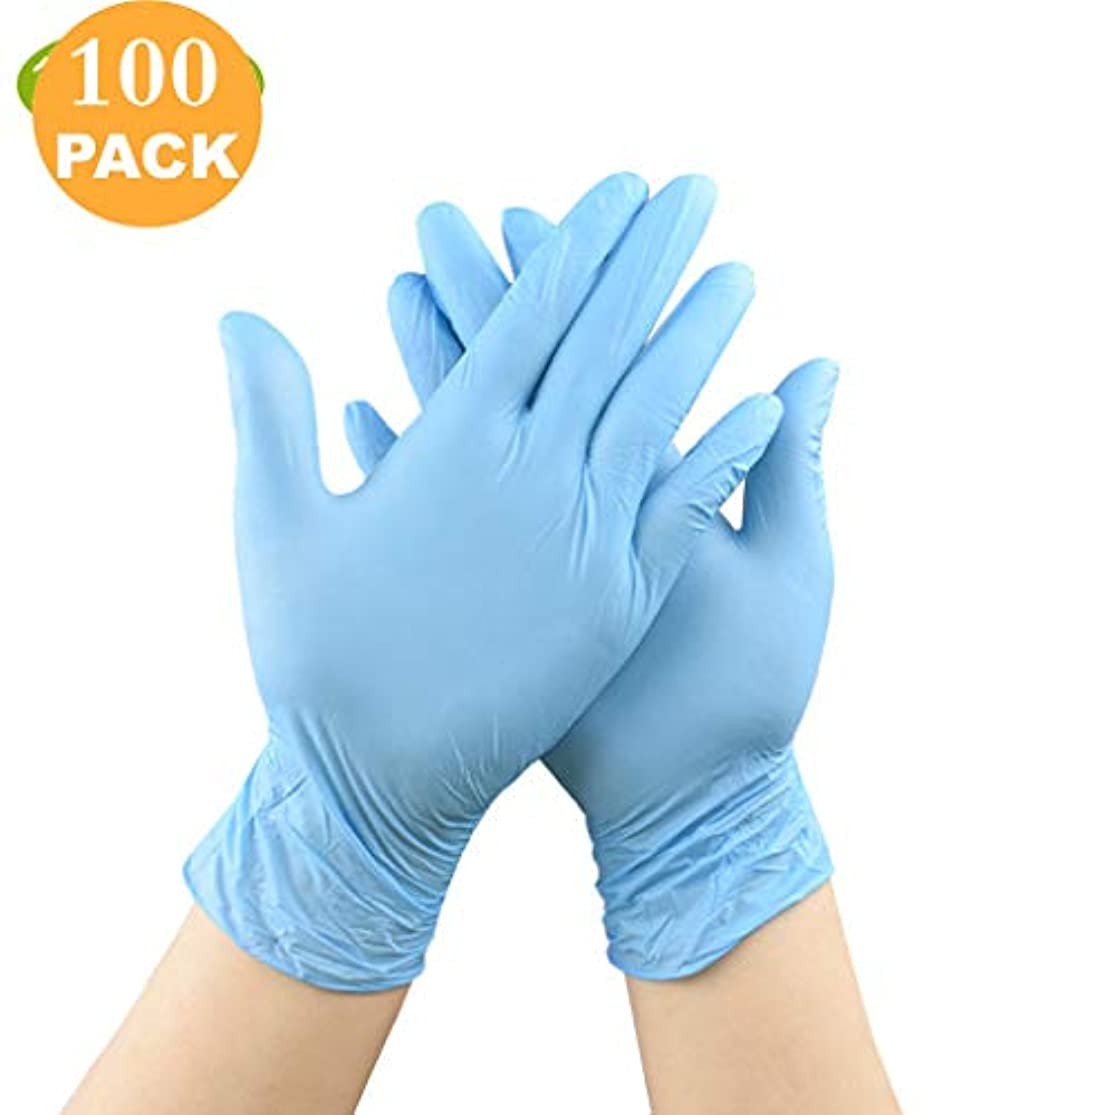 ショップカロリーズームニトリル使い捨てケータリングケータリング家事保護の食品用ゴム手袋ゴム手袋耐性-100パーボックス (Color : Blue, Size : L)